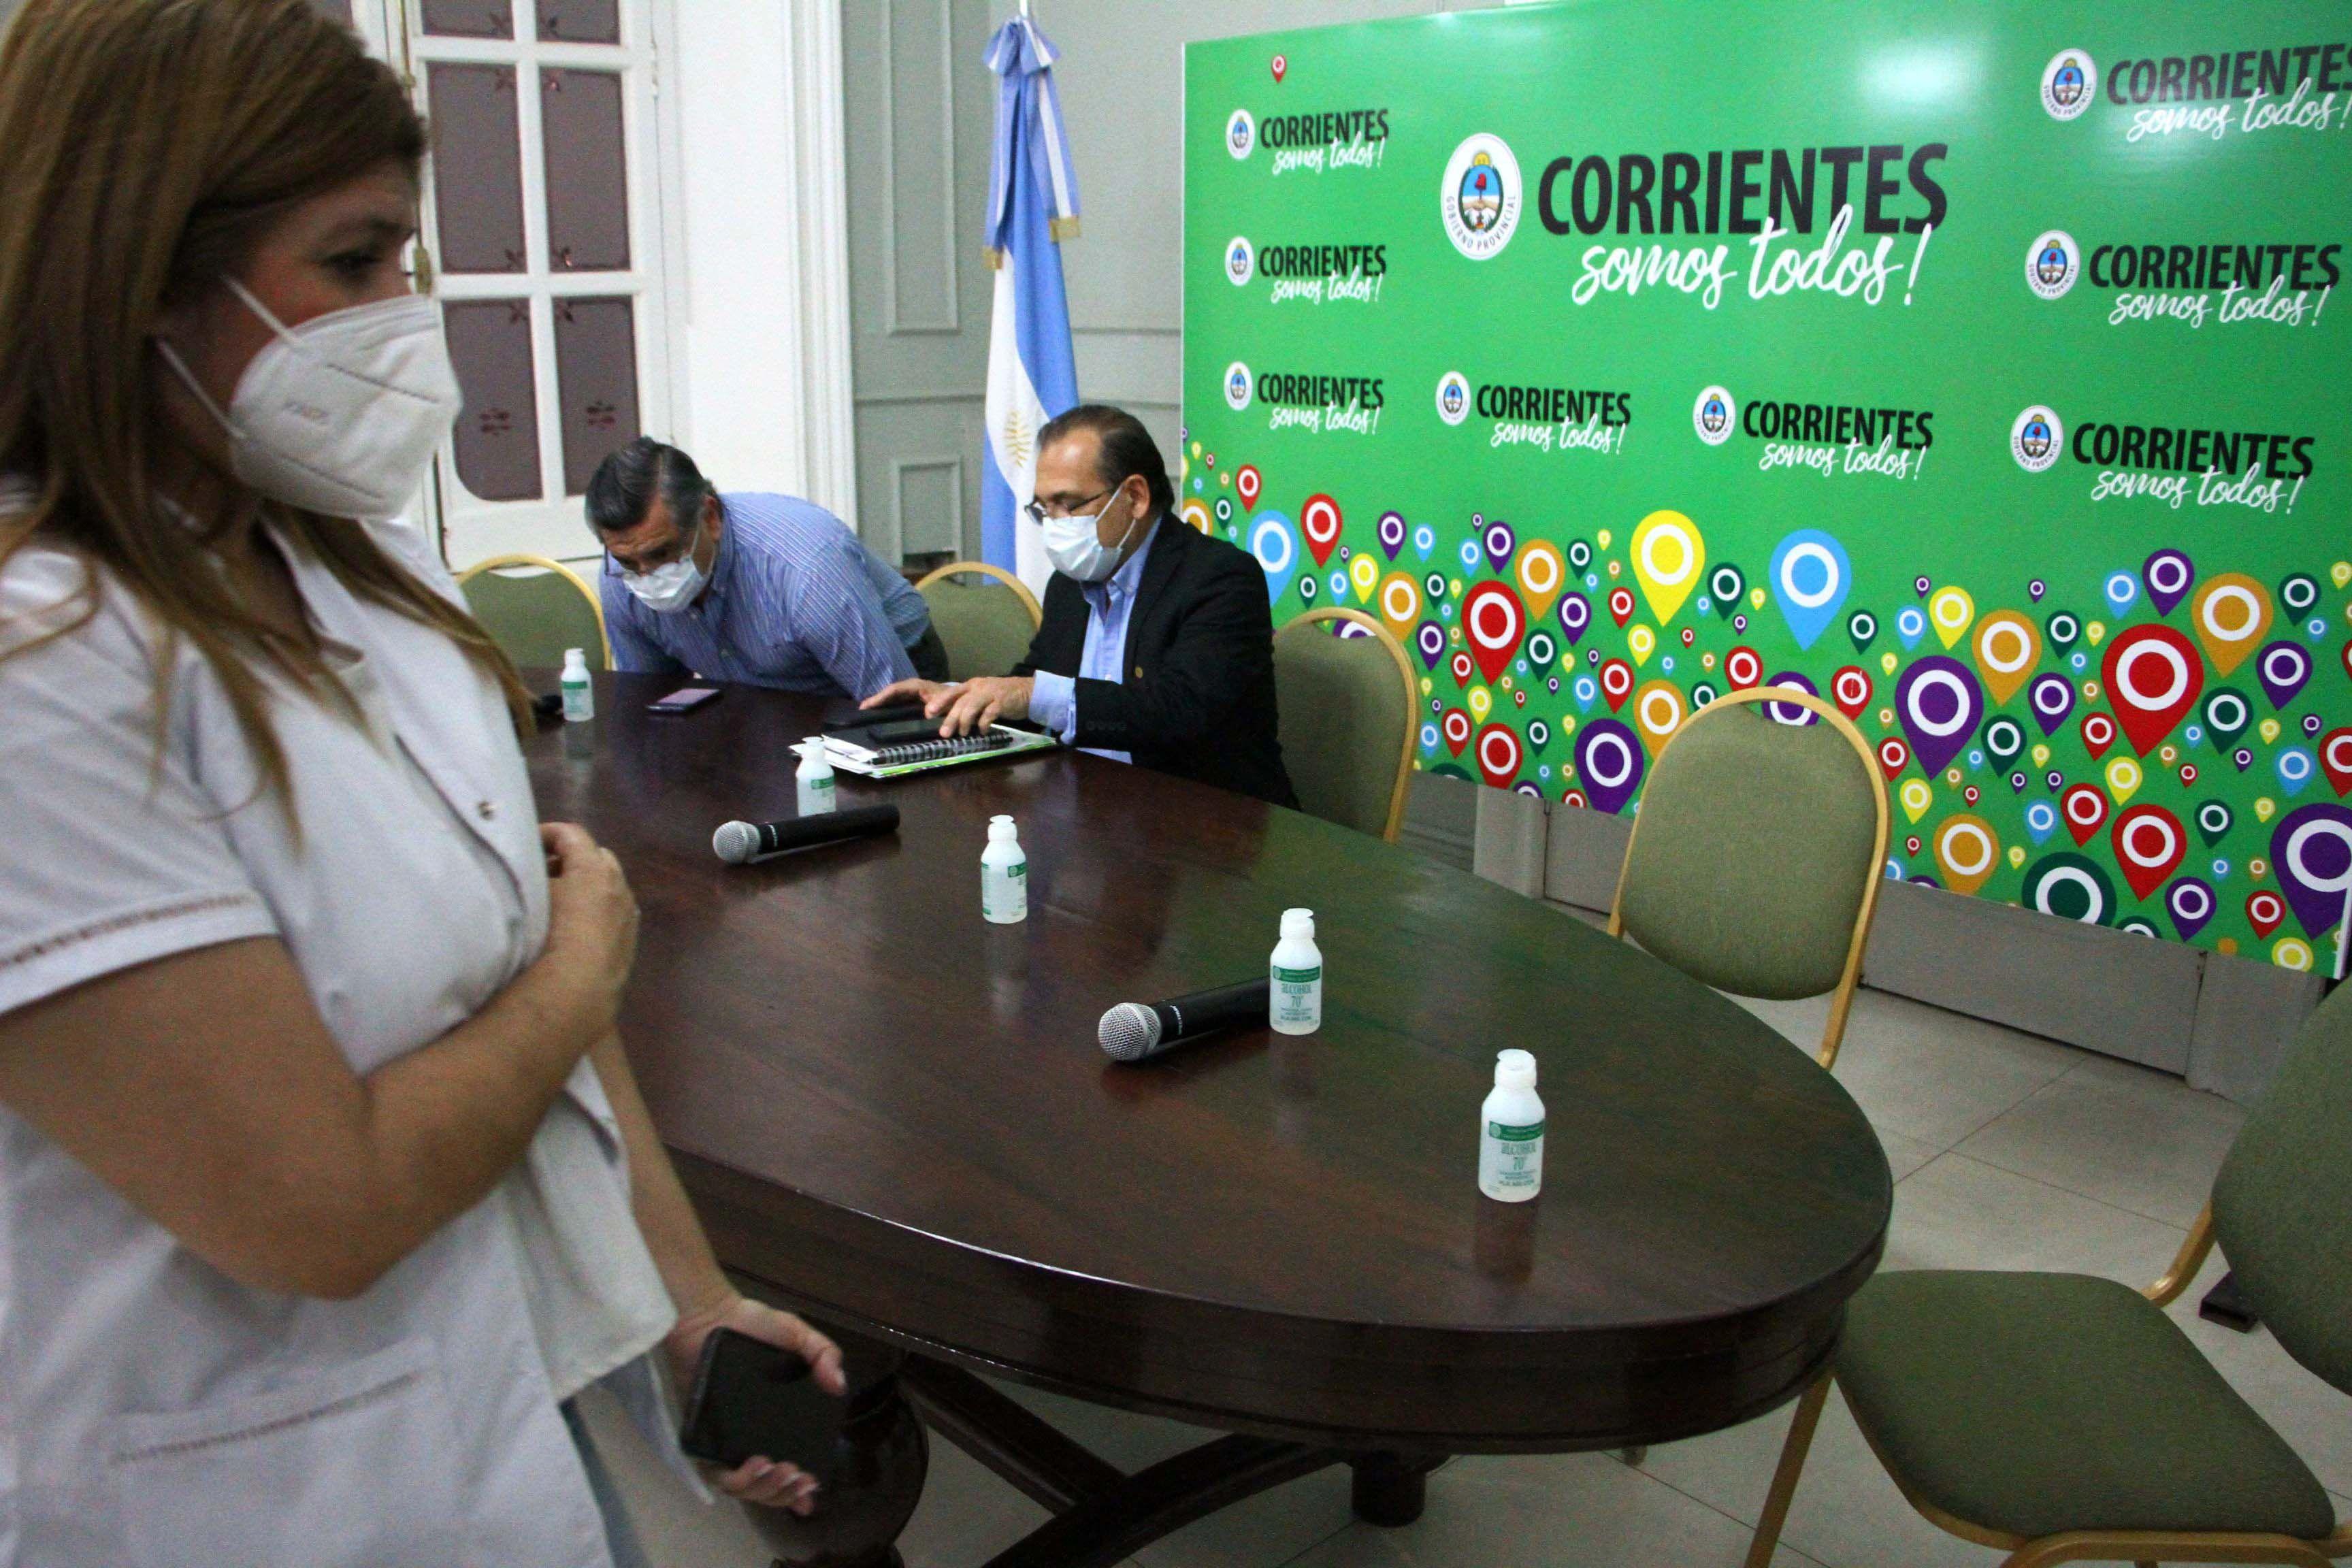 Corrientes-Brote de COVID-19